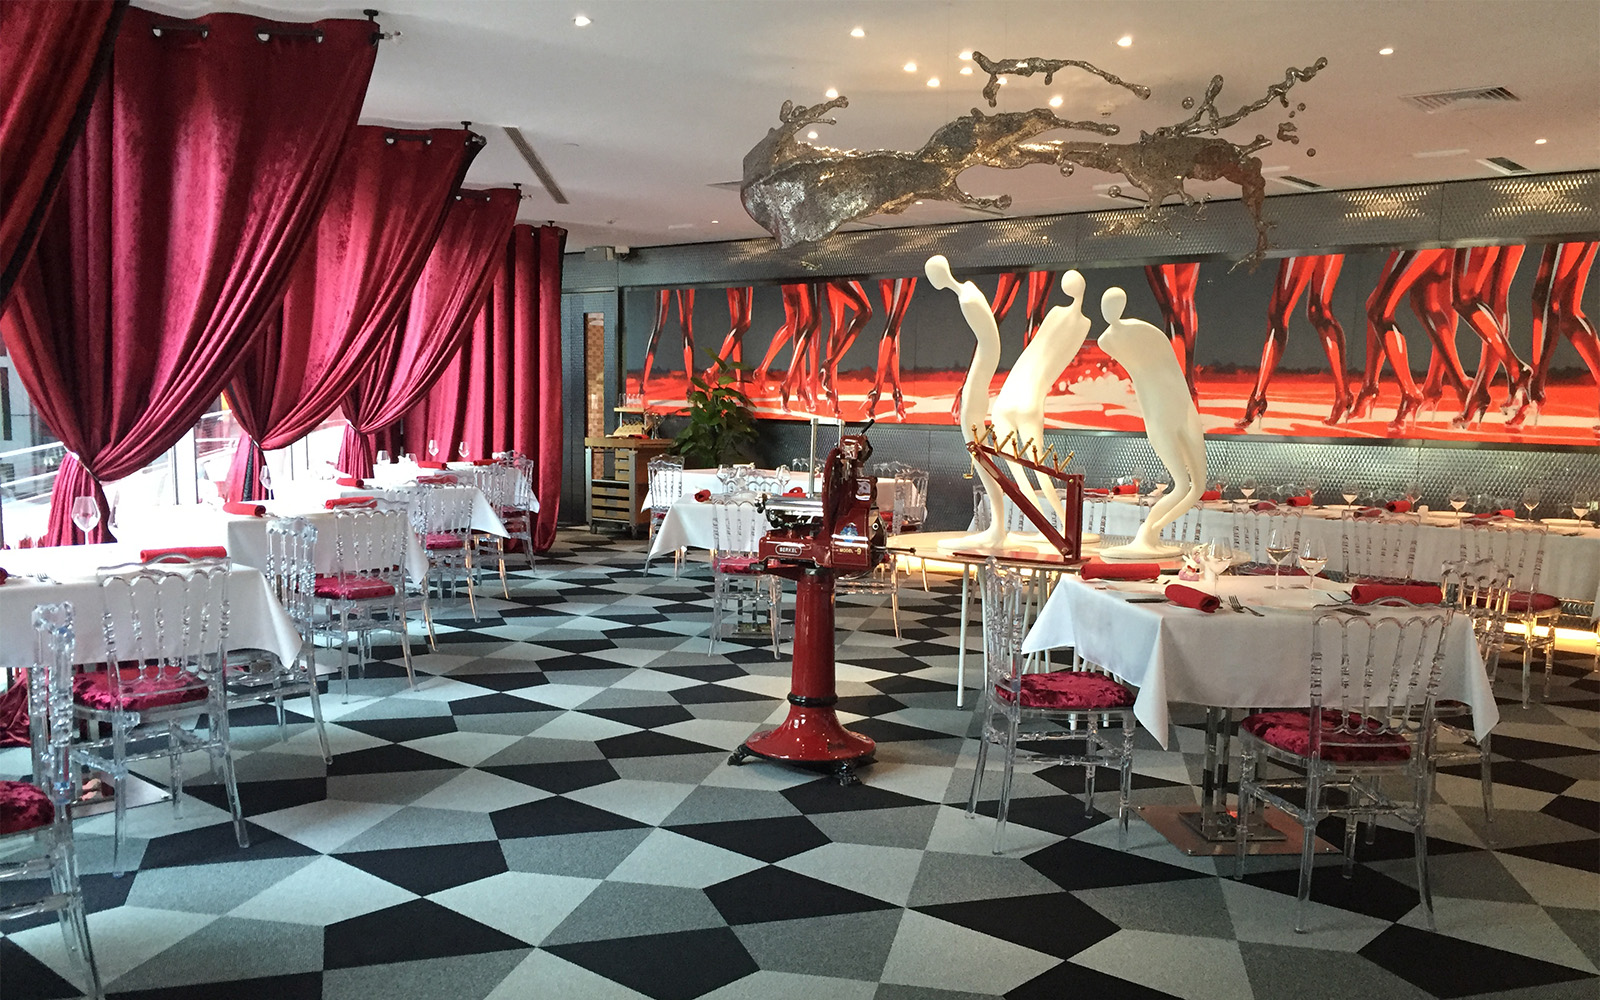 Dalles ege angulaires bleues, grises et noires, utilisées pour créer un effet d'optique dans un restaurant tendance